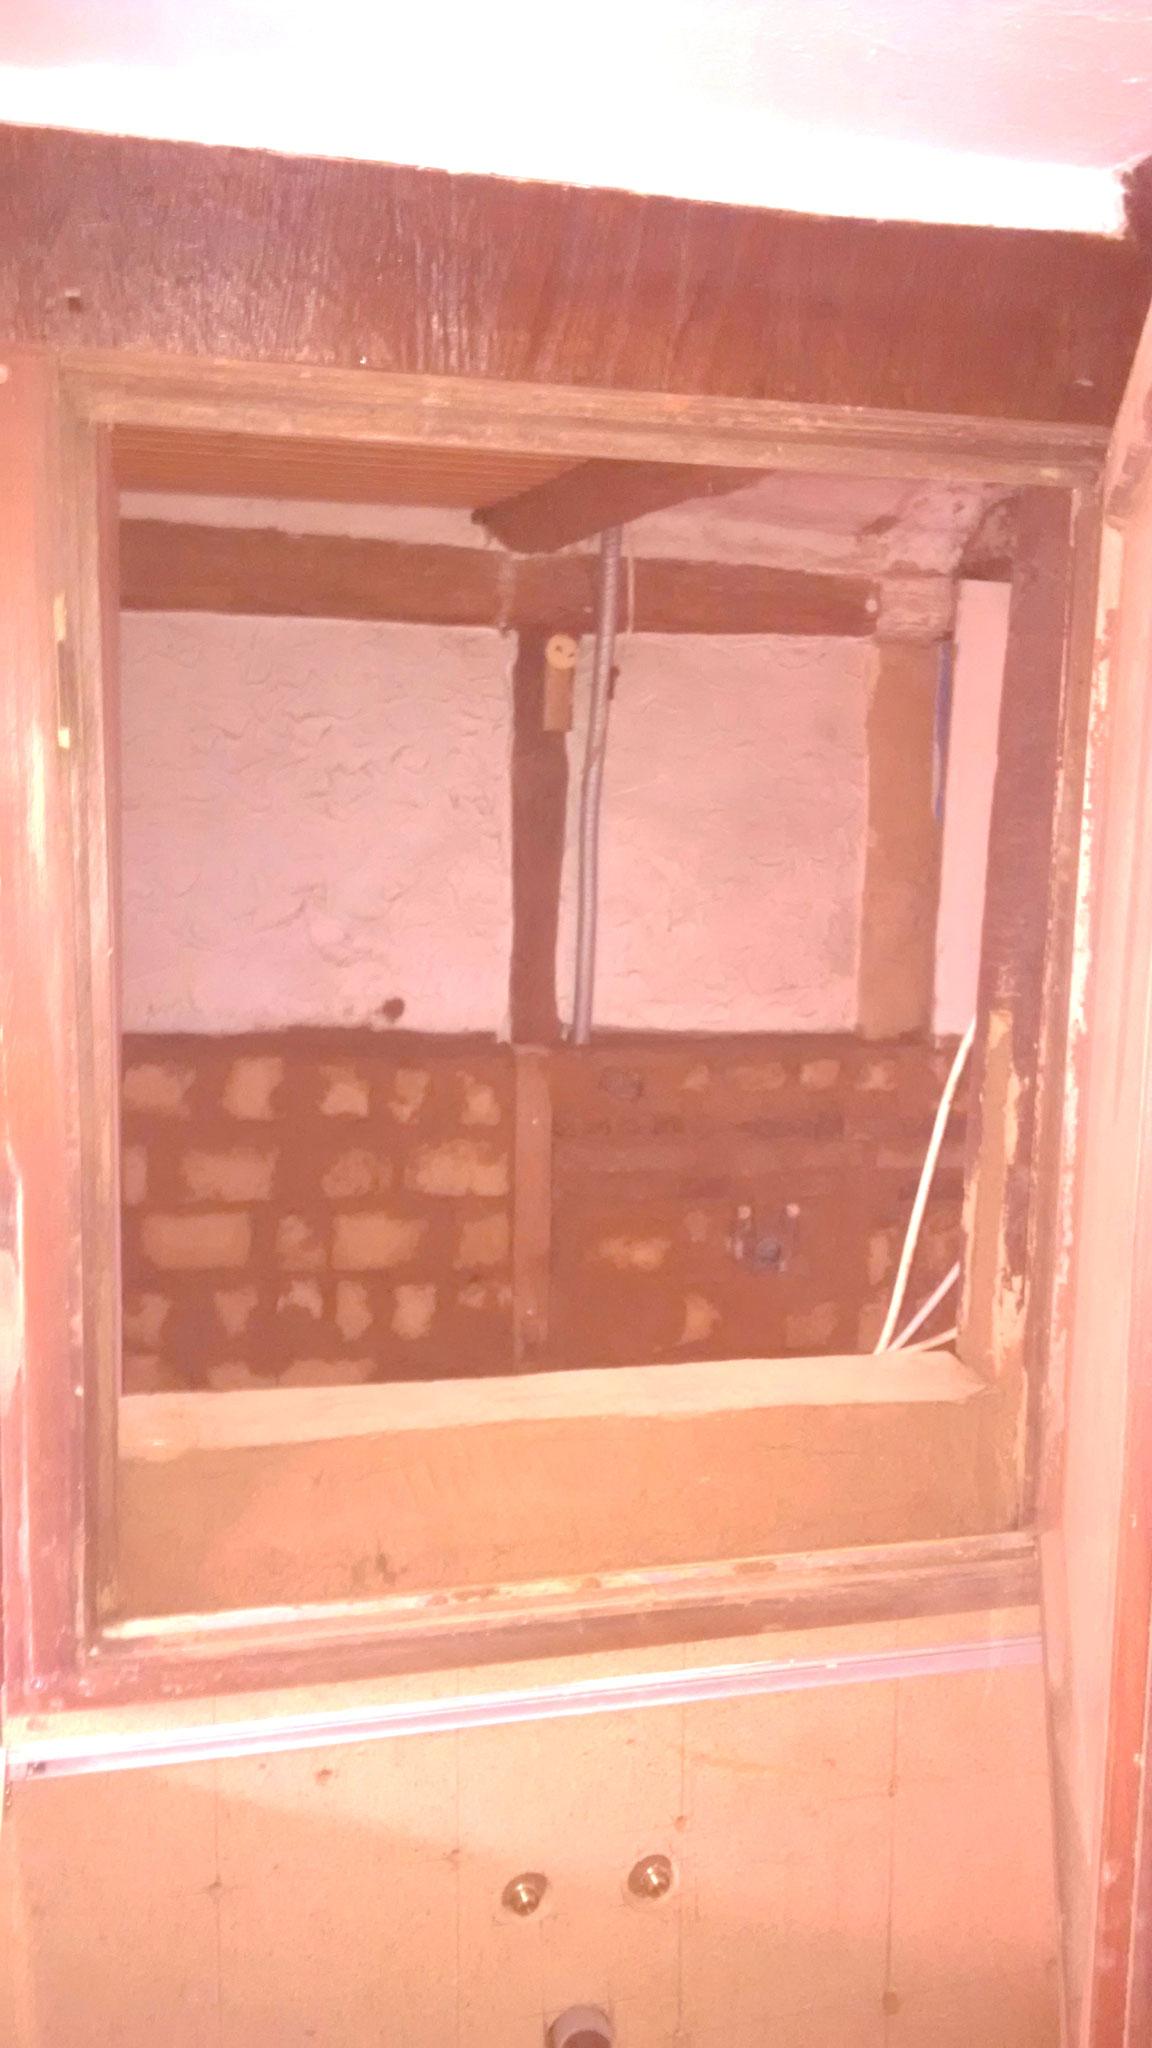 Ein foto von der Küche aus, durch das neu entstandene Fenster, ins Bad.